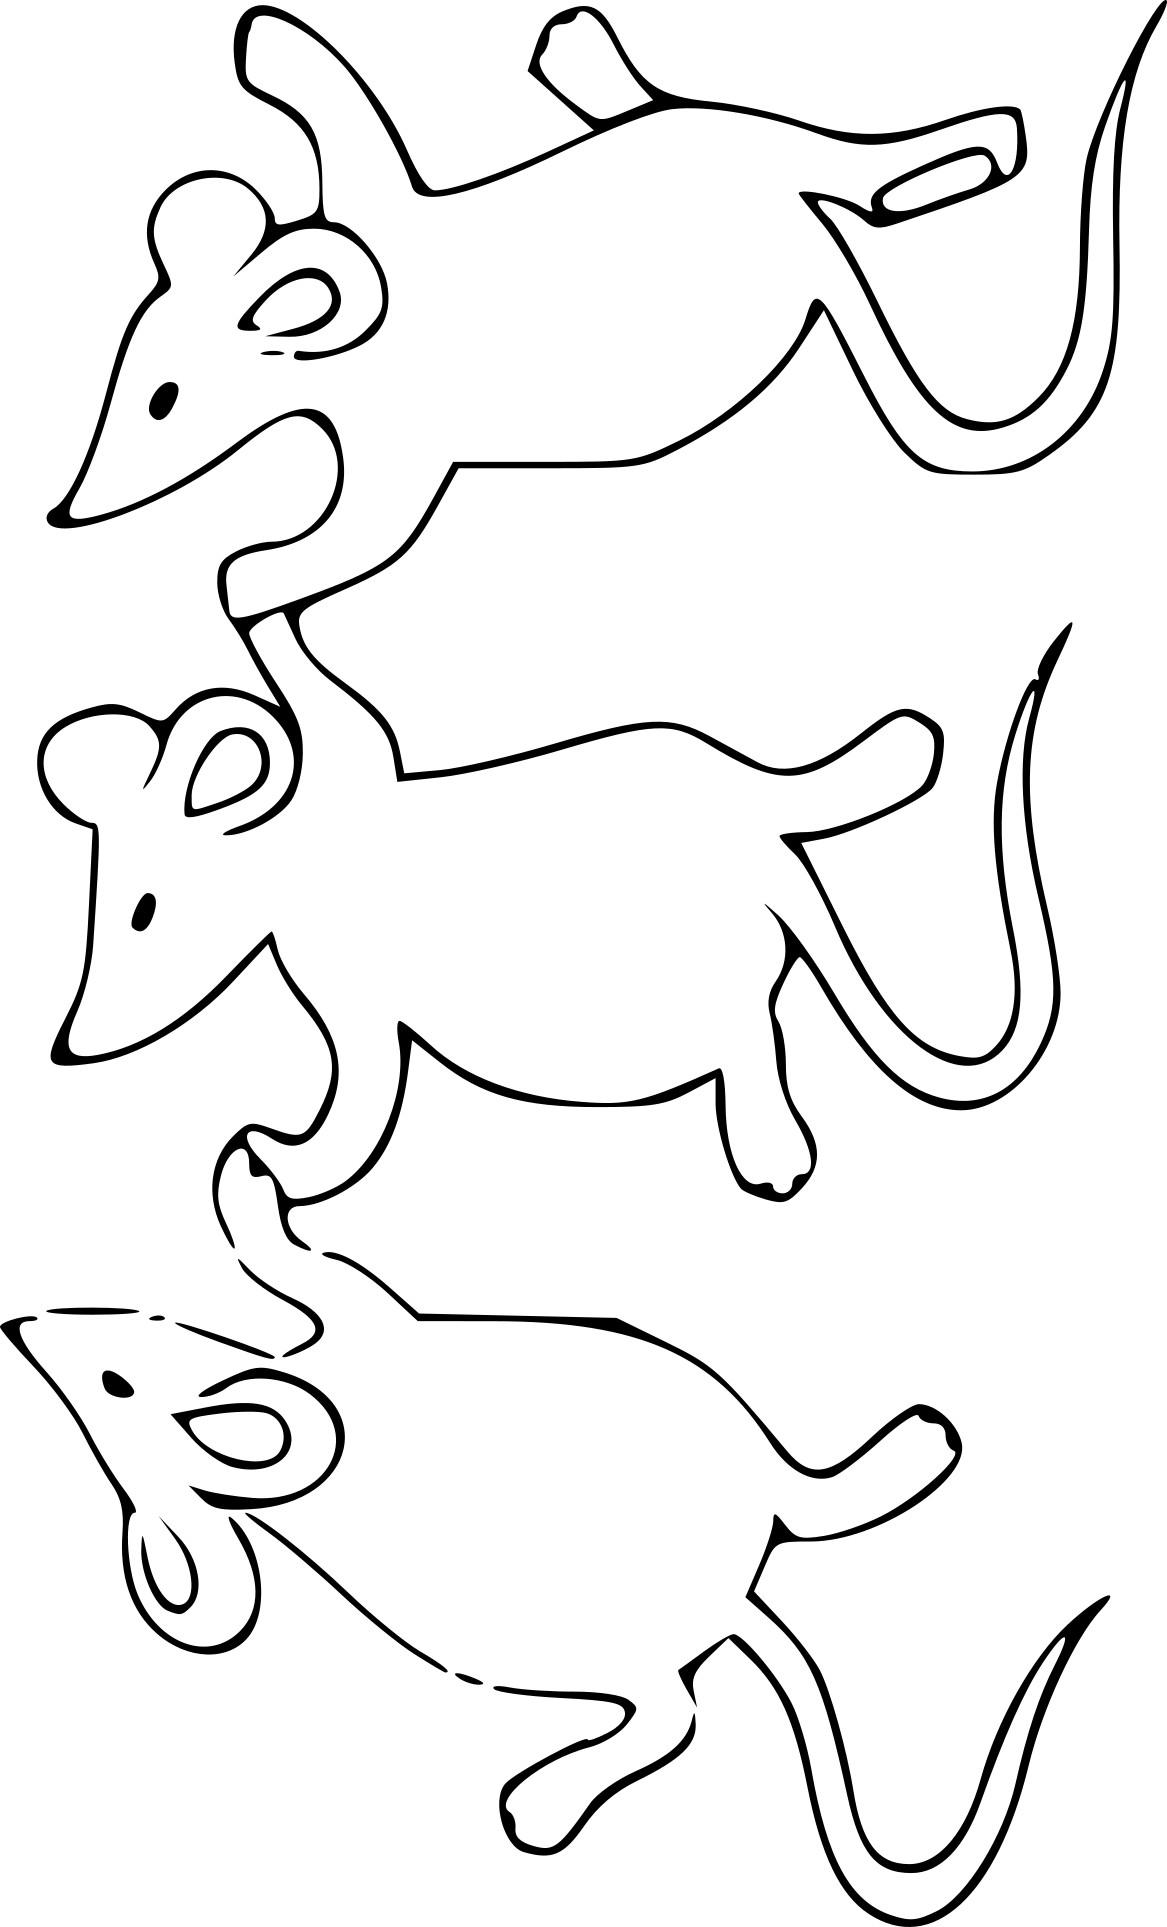 Coloriage 3 souris à imprimer